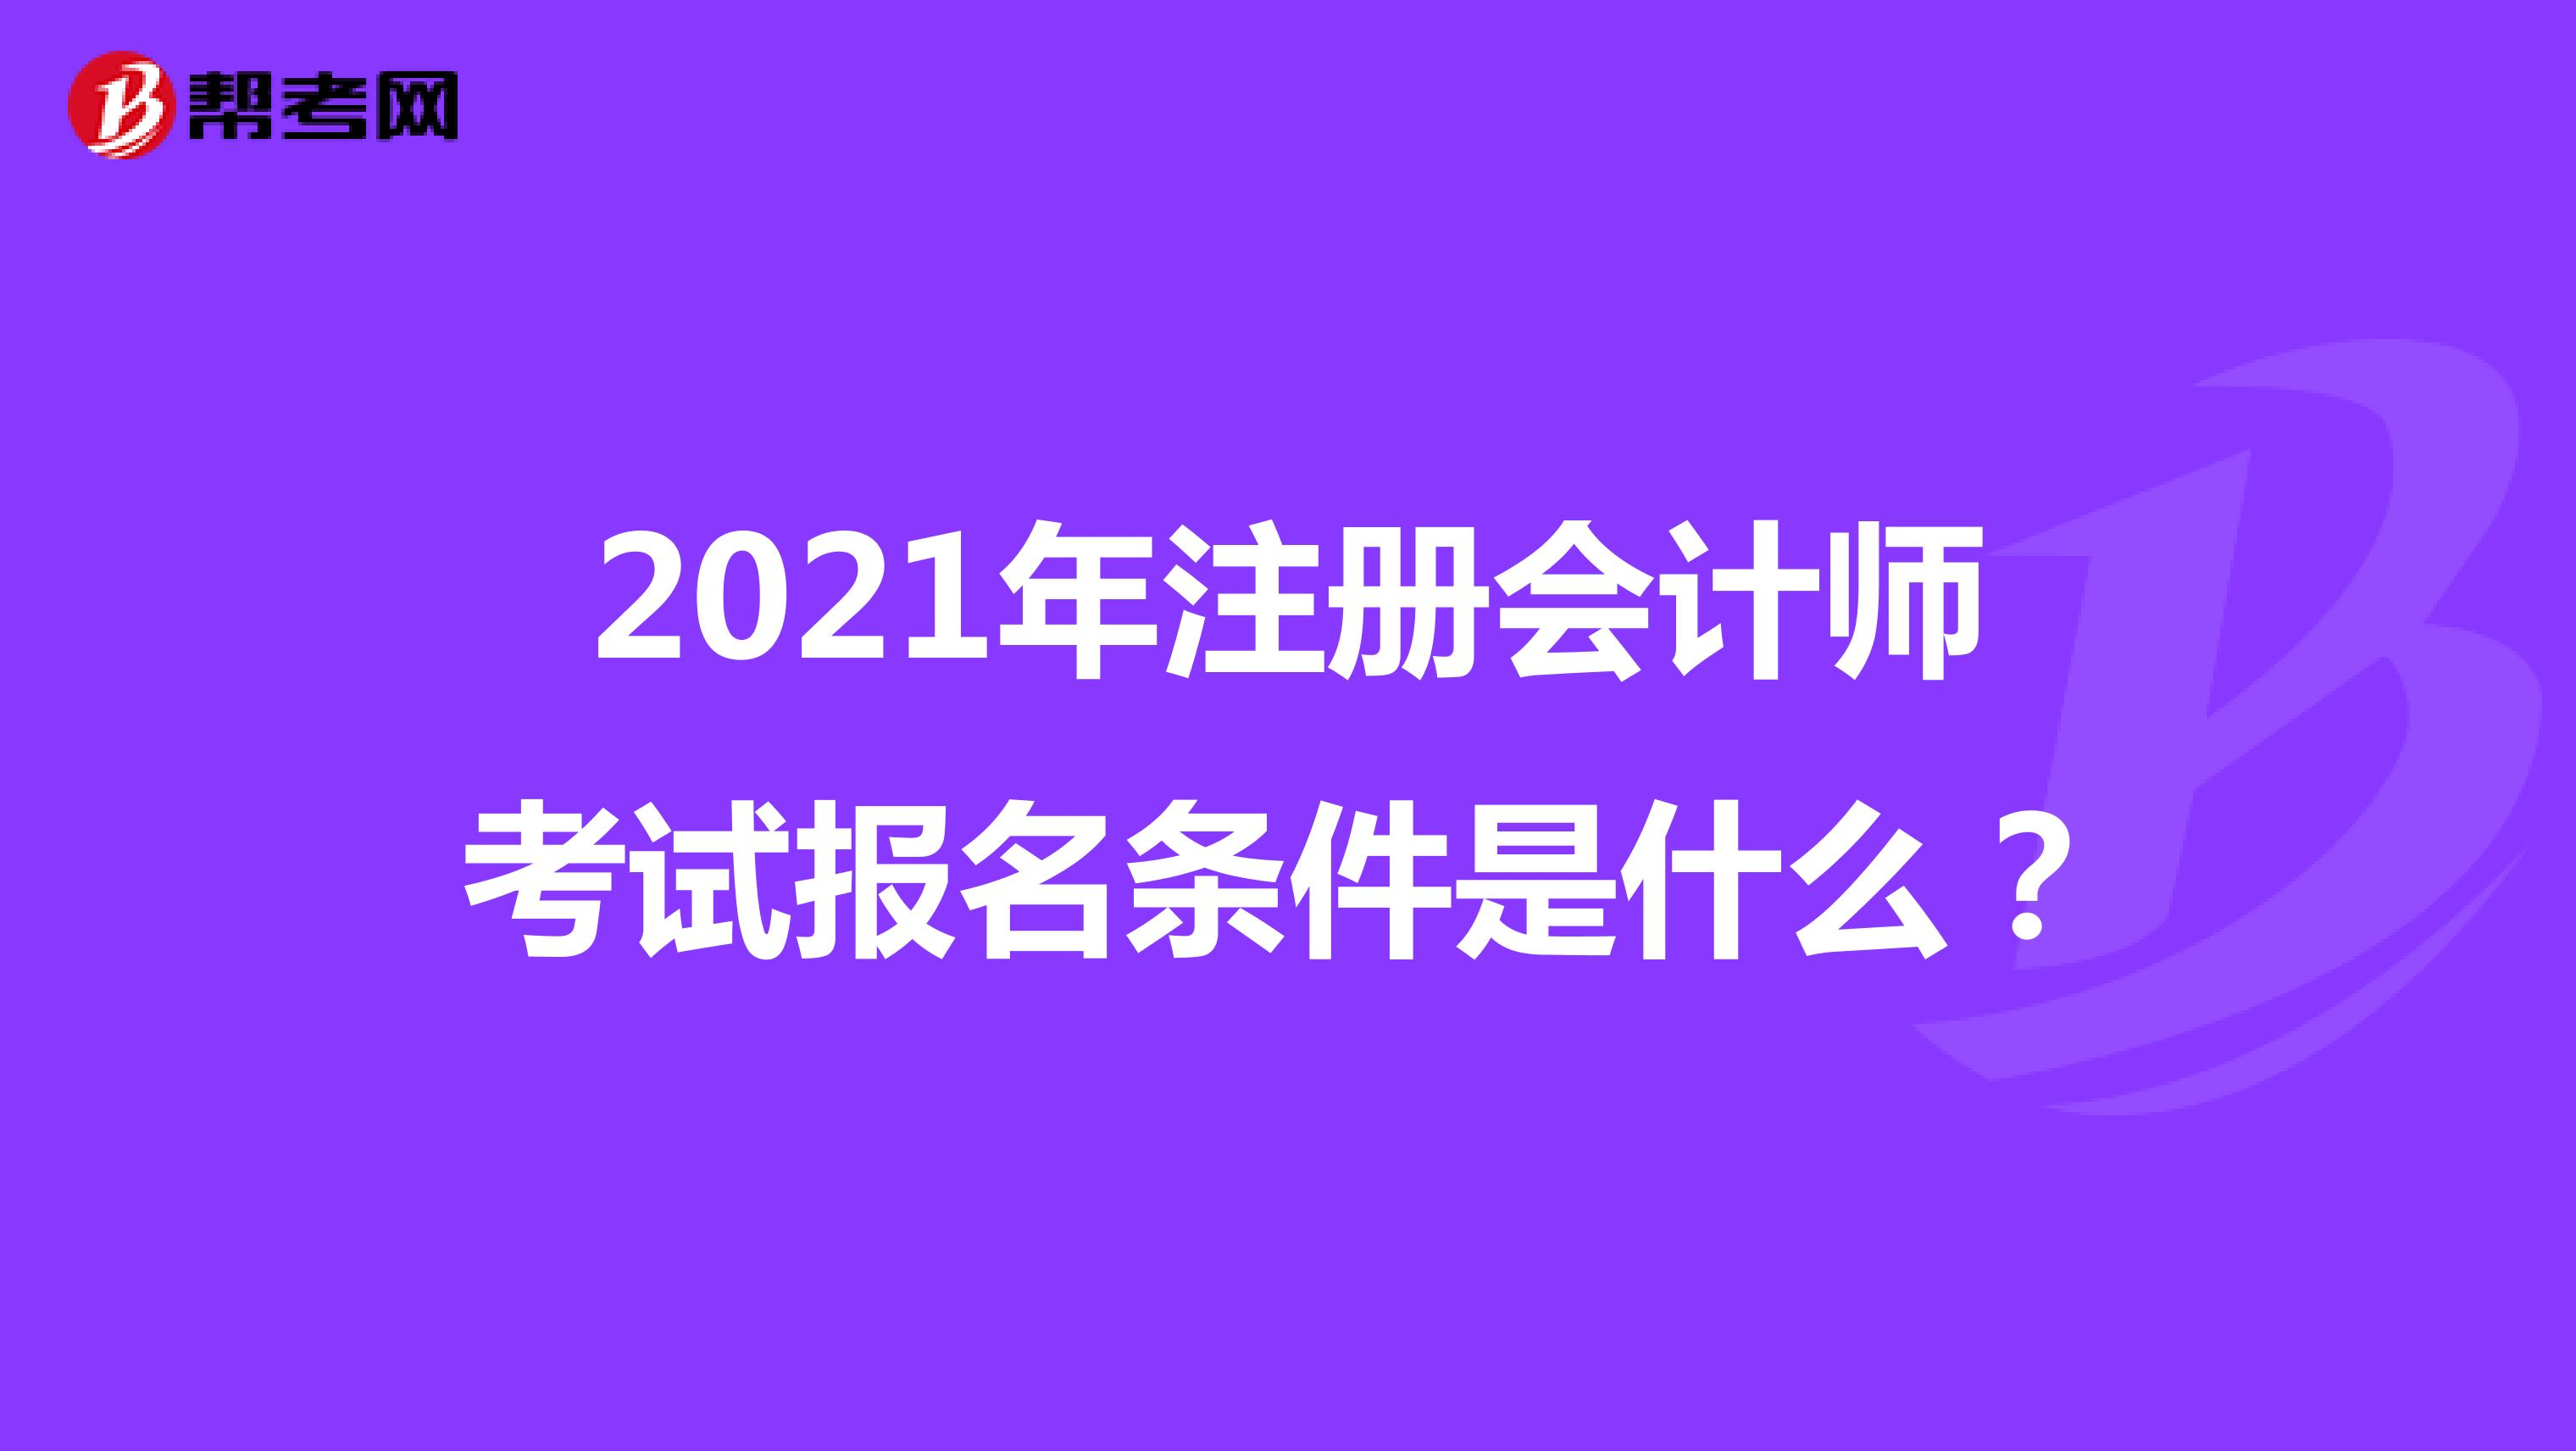 2021年注册会计师考试报名条件是什么?